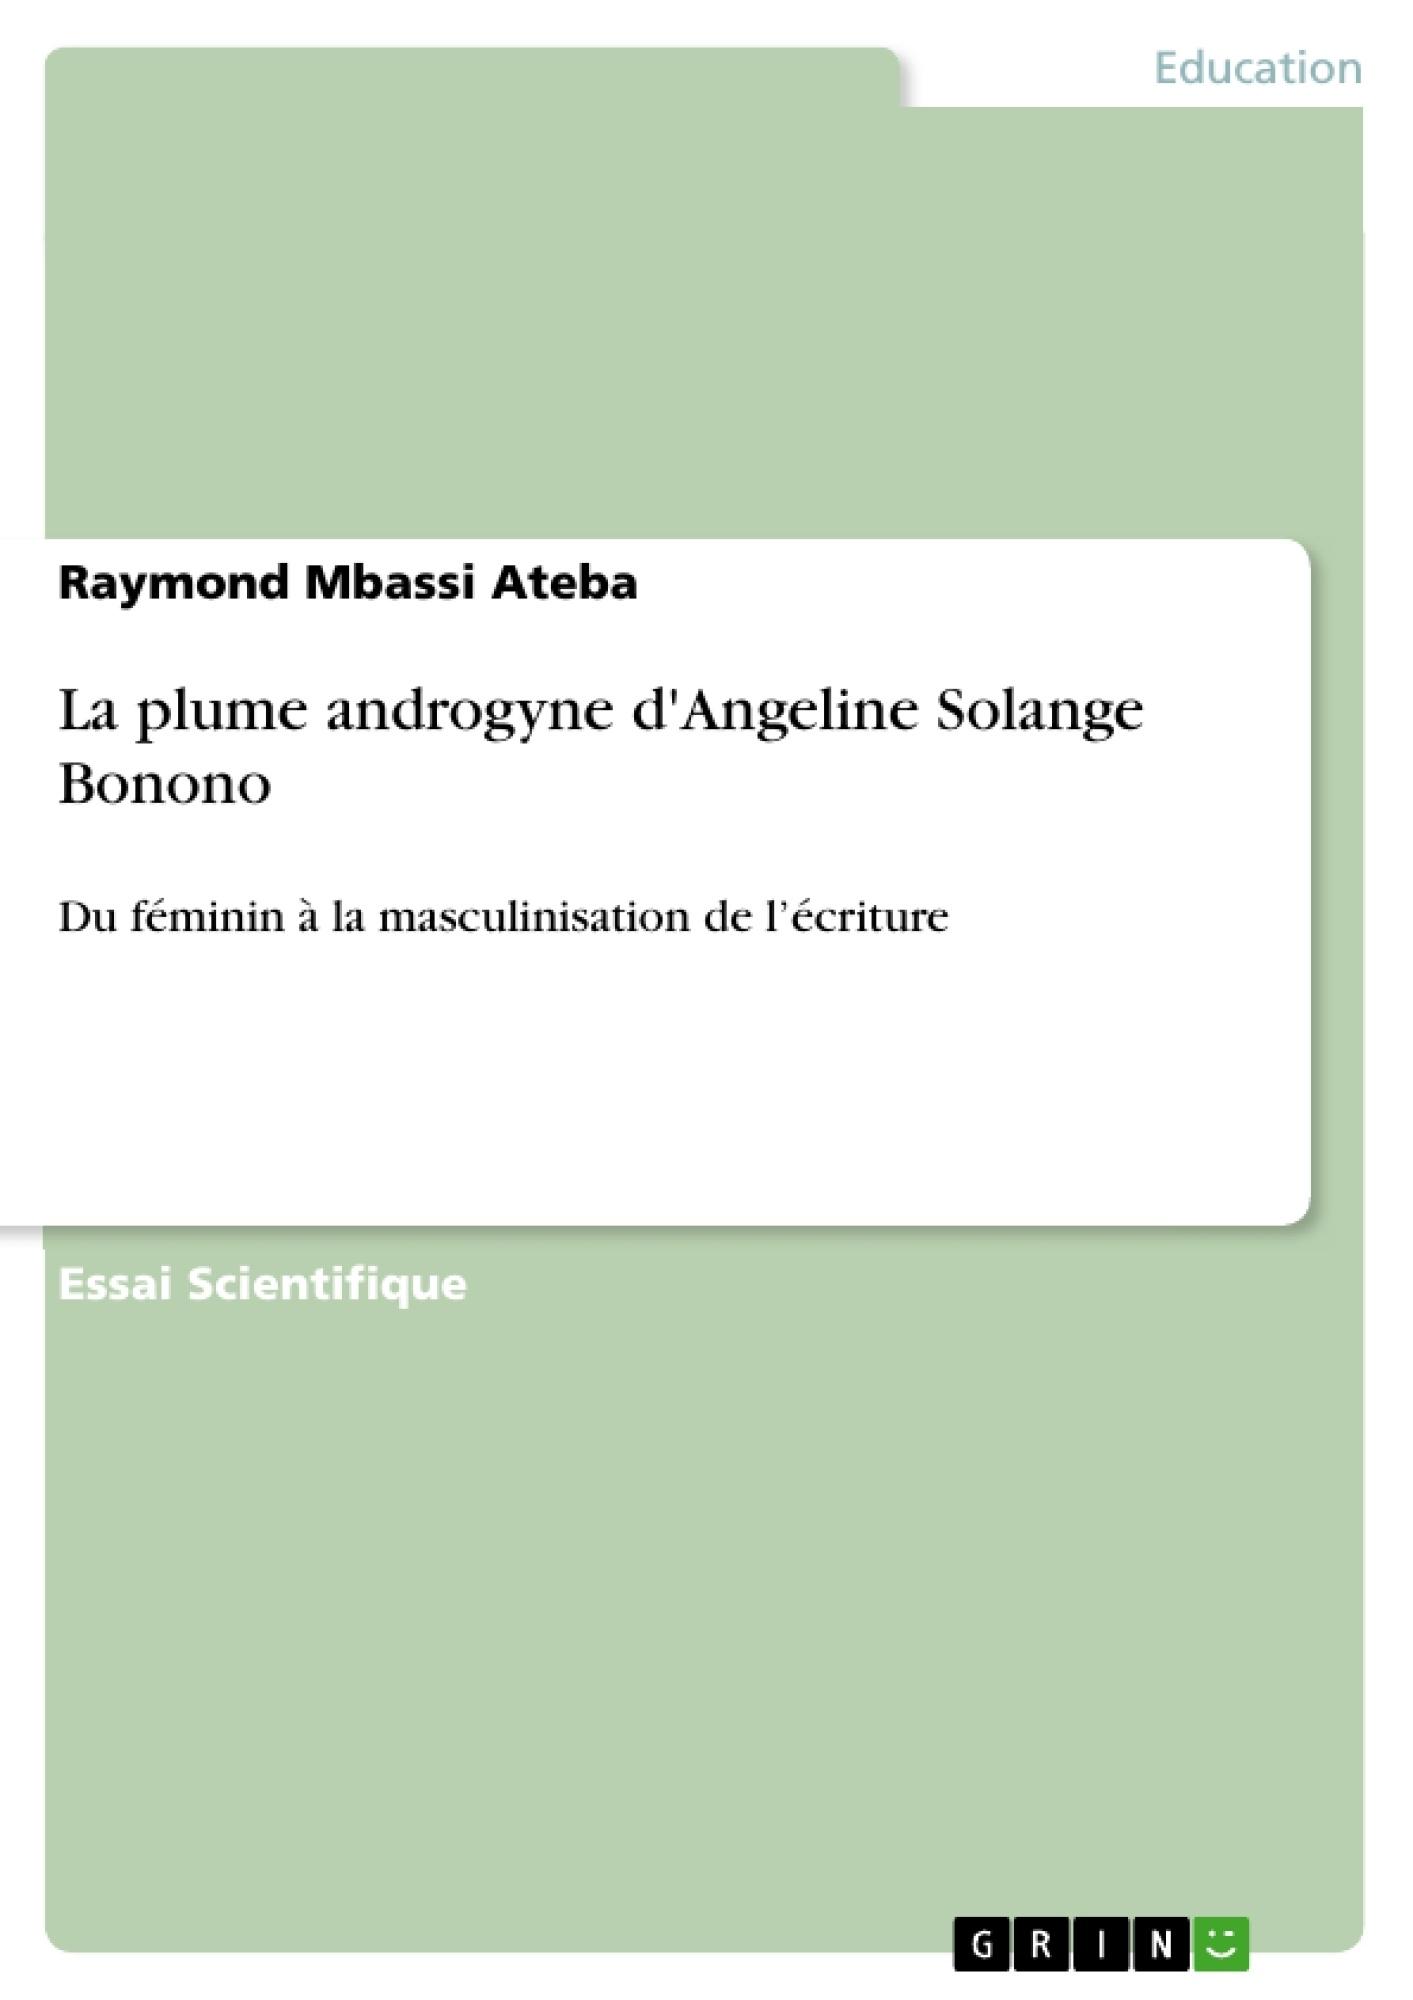 Titre: La plume androgyne d'Angeline Solange Bonono